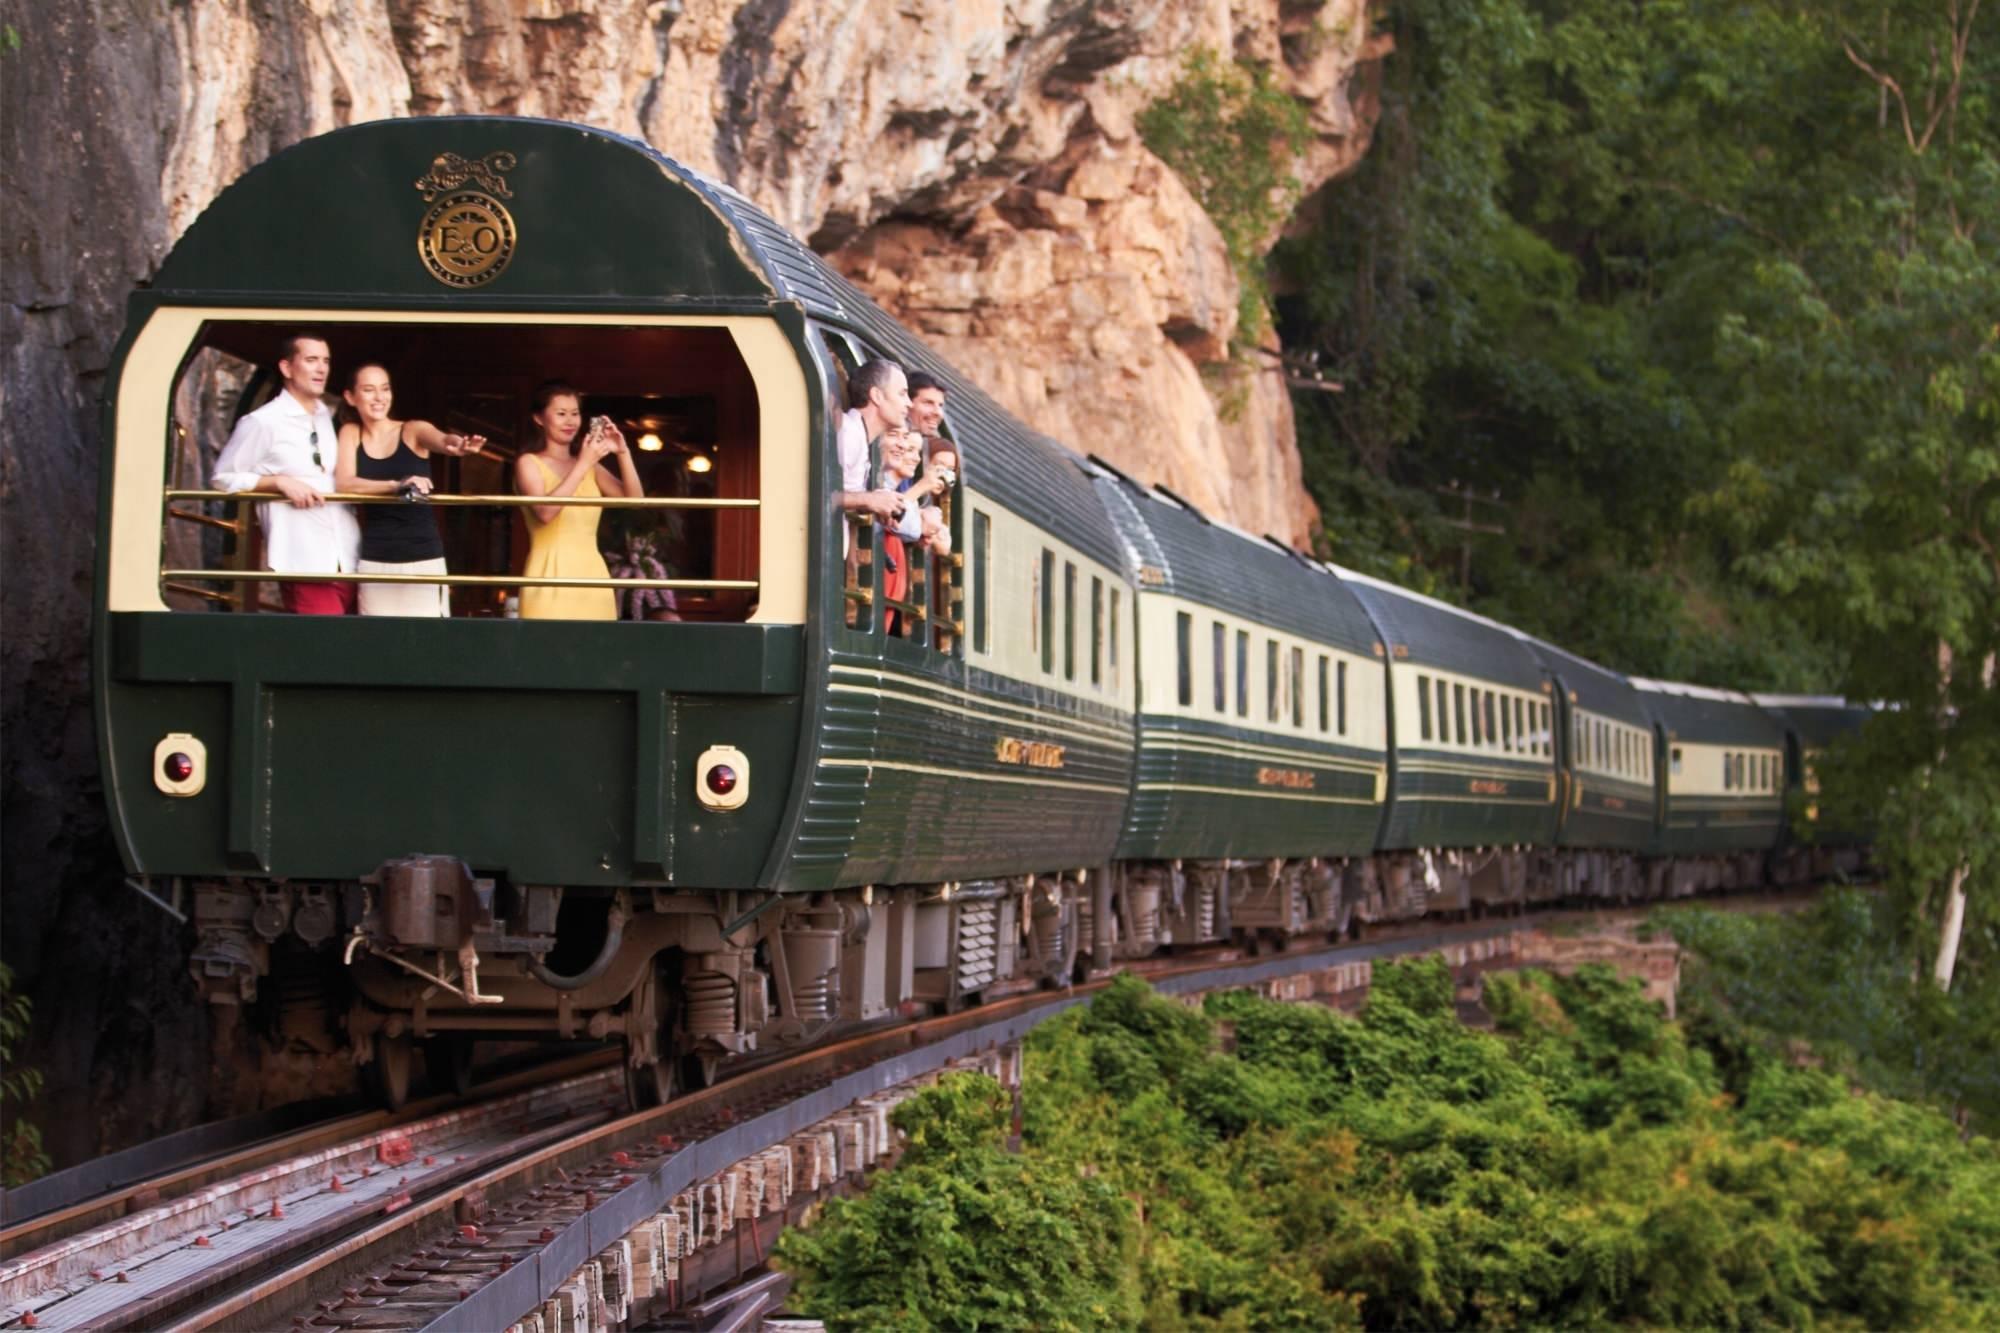 マレー鉄道で沿線の町を観光しよう!路線や料金は?寝台はあり?